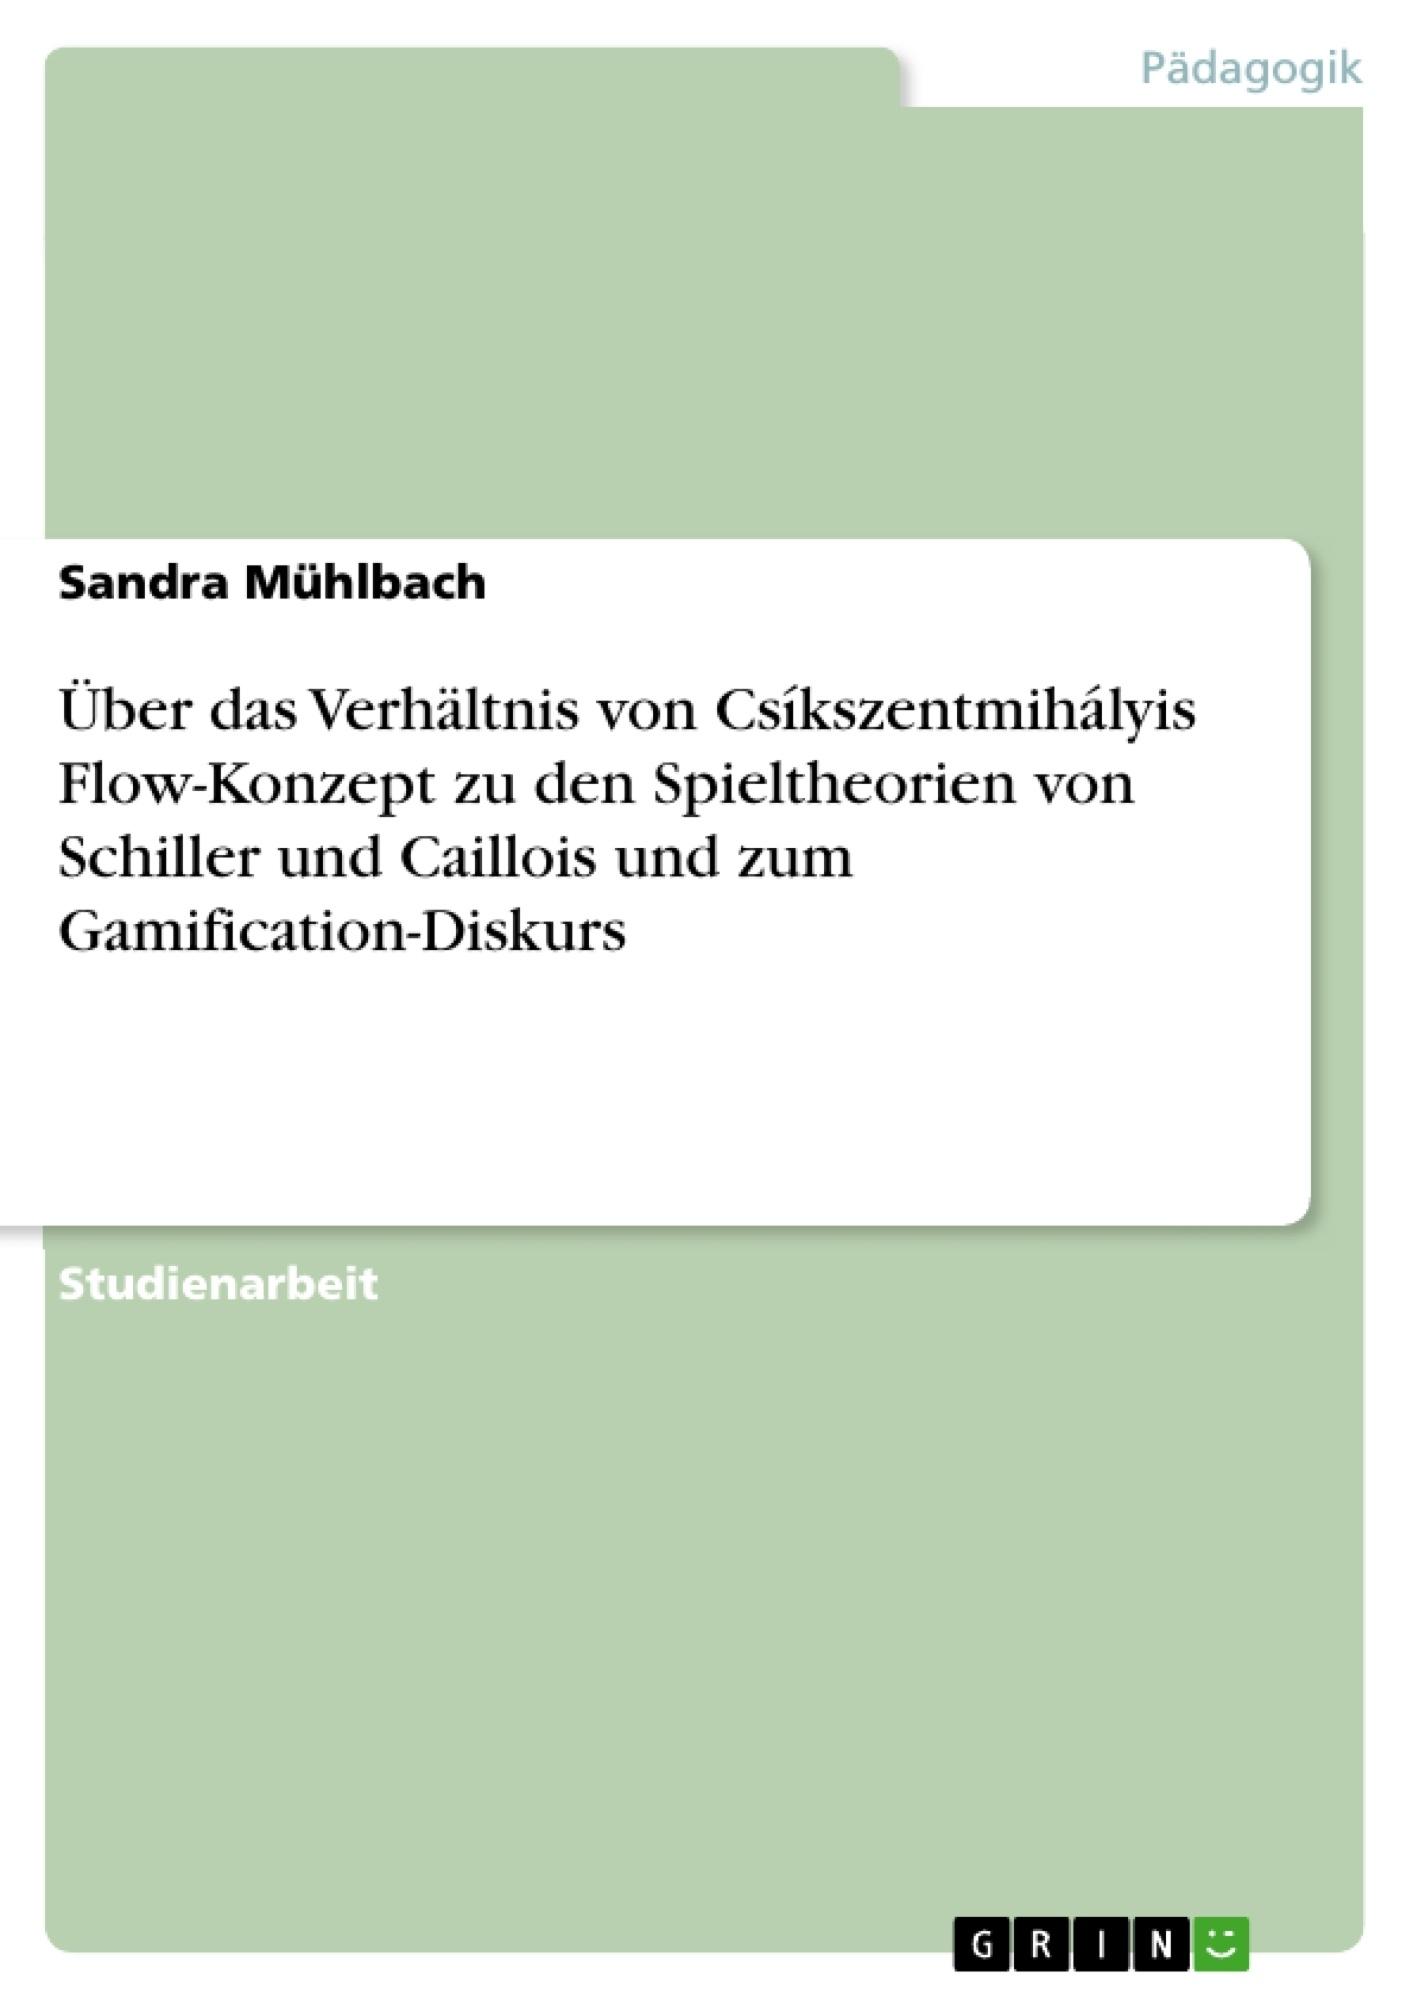 Titel: Über das Verhältnis von Csíkszentmihályis Flow-Konzept zu den Spieltheorien von Schiller und Caillois und zum Gamification-Diskurs